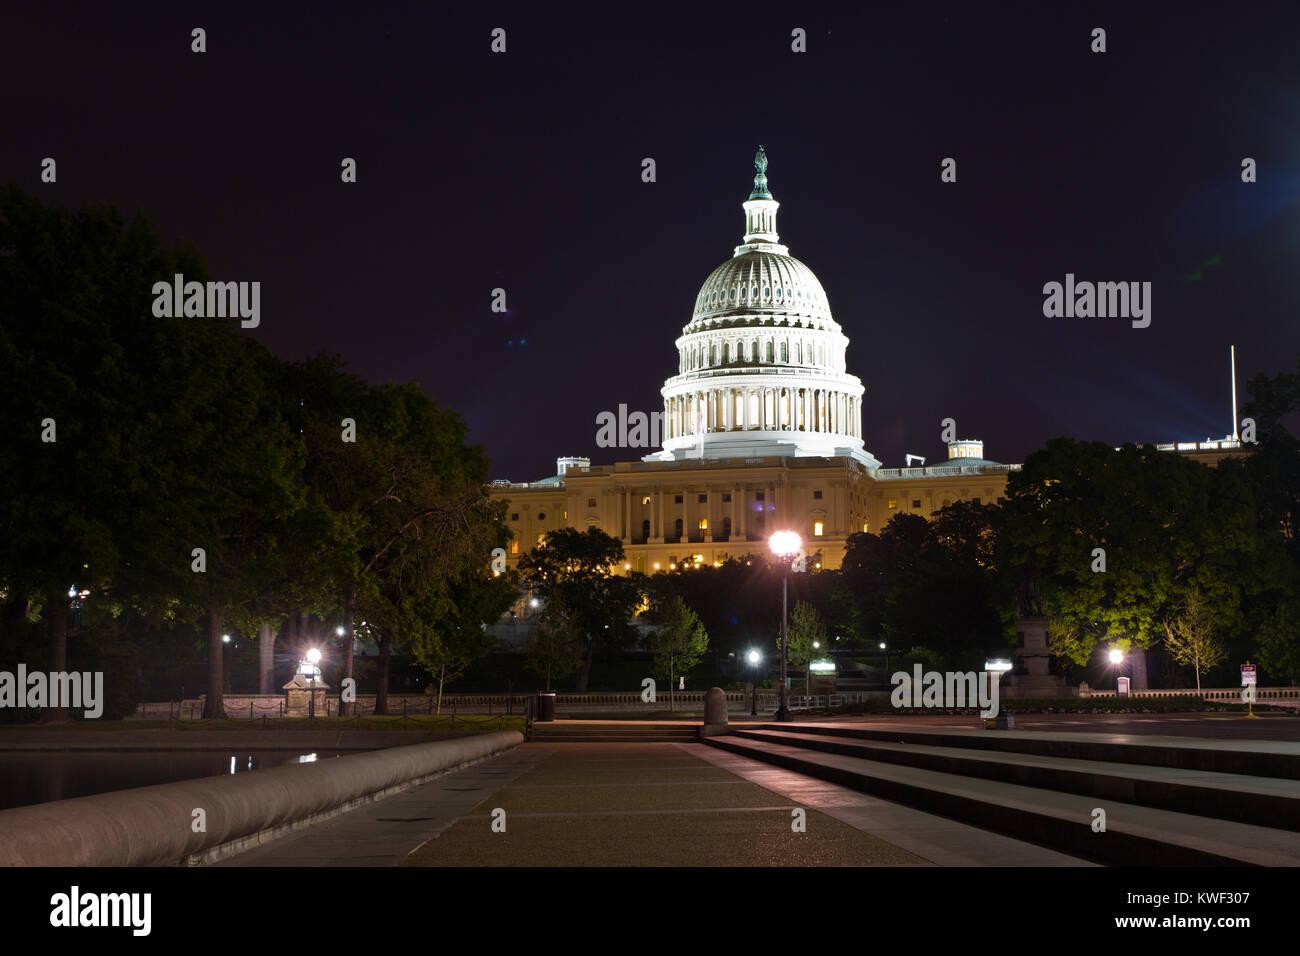 El edificio del Capitolio de los Estados Unidos, Washington DC, es el hogar del Congreso de los Estados Unidos, Imagen De Stock